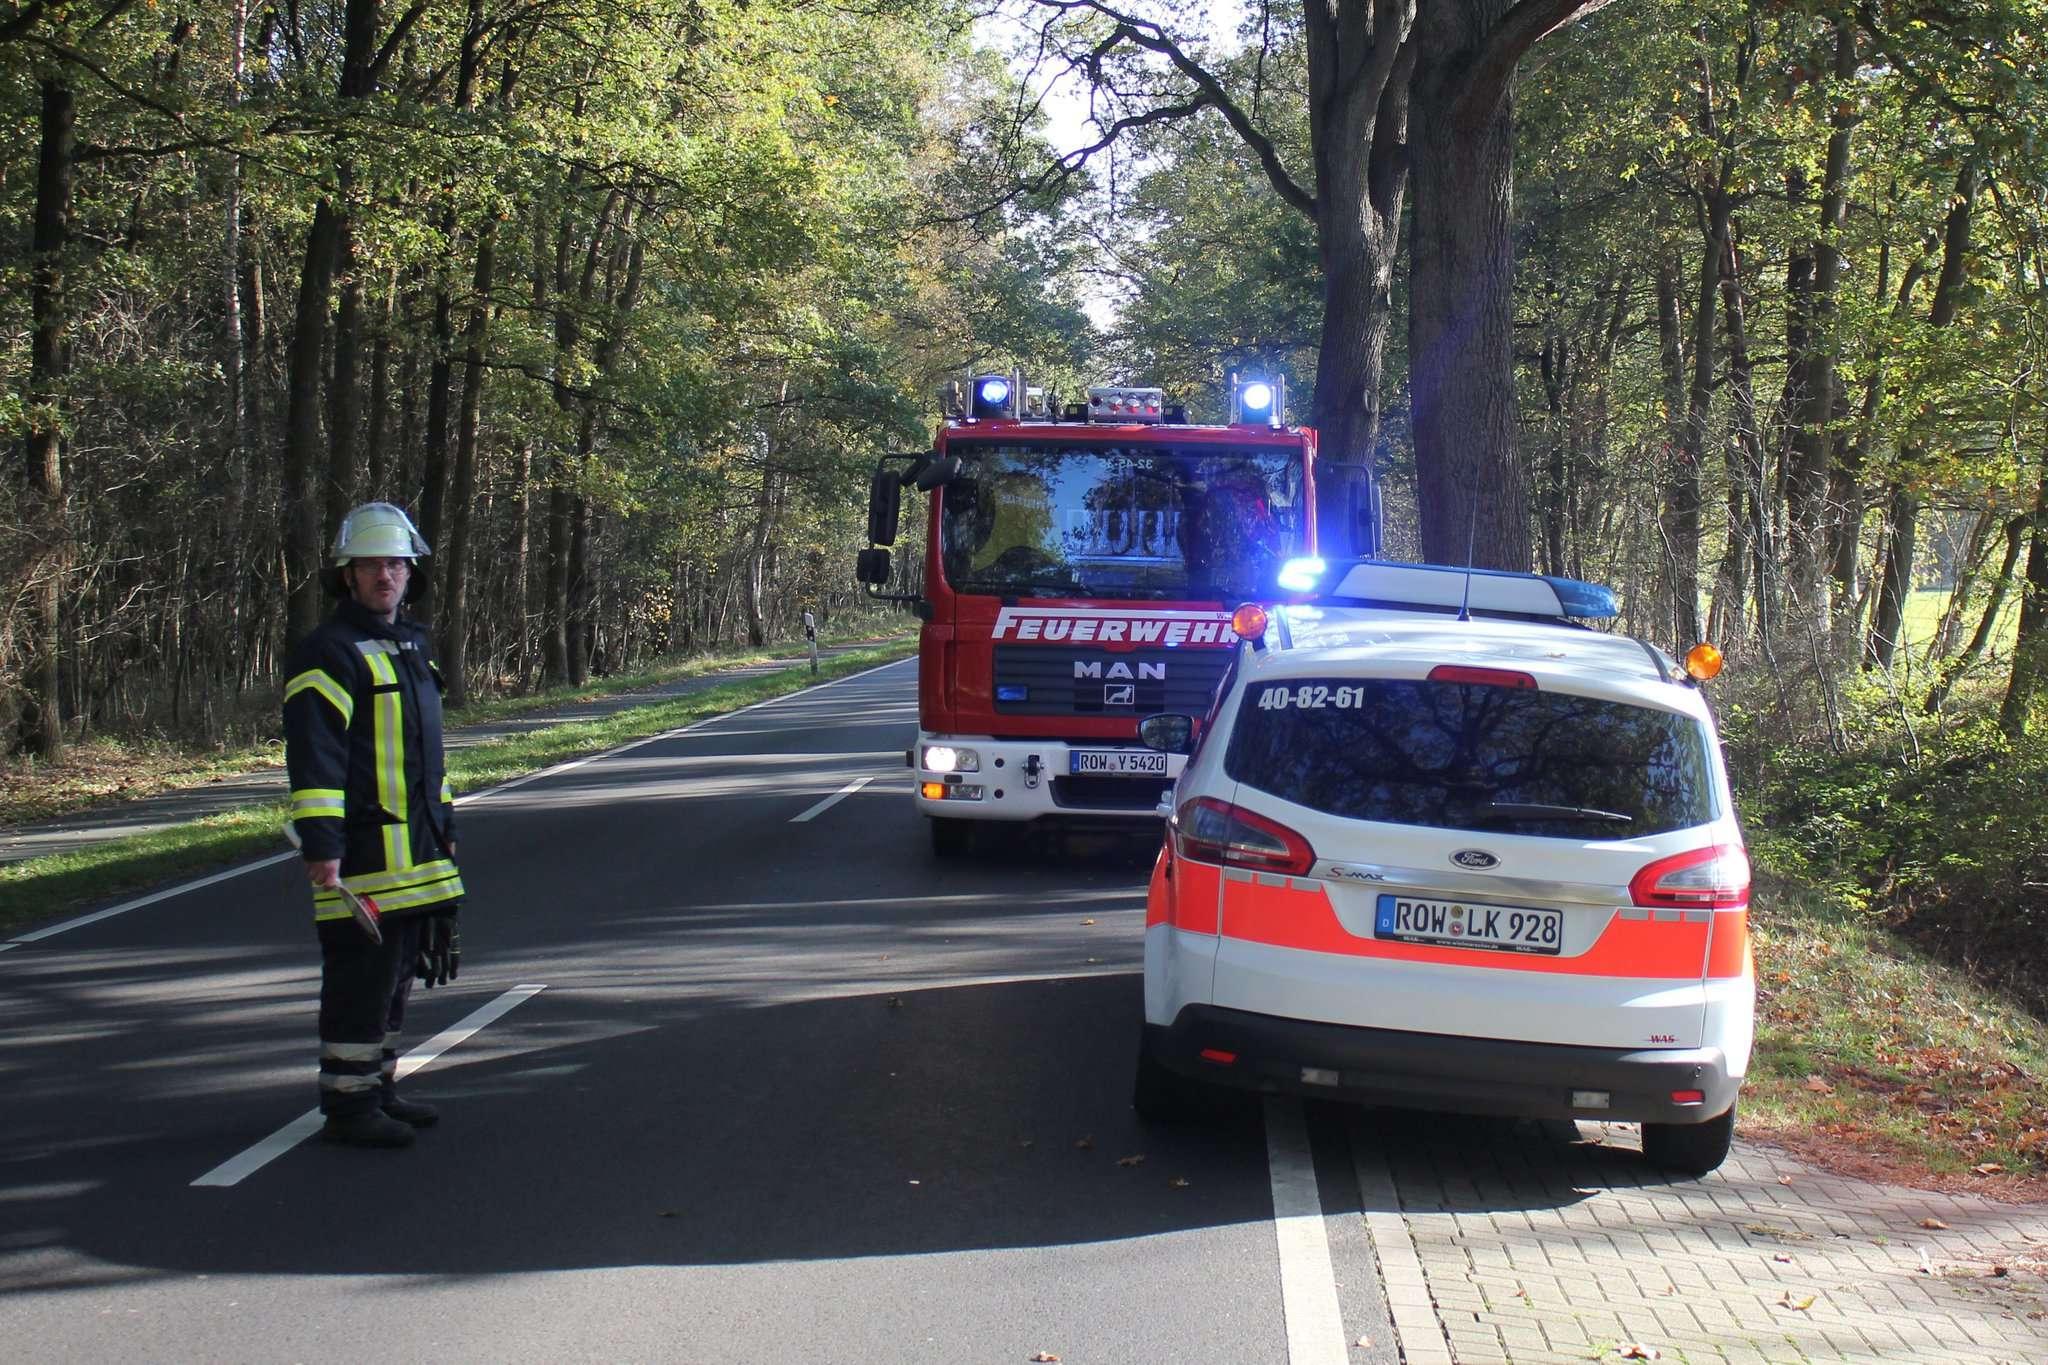 Ein Feuerwehrmann musste an der Straße den Verkehr regeln, um weitere Störungen zu vermeiden.